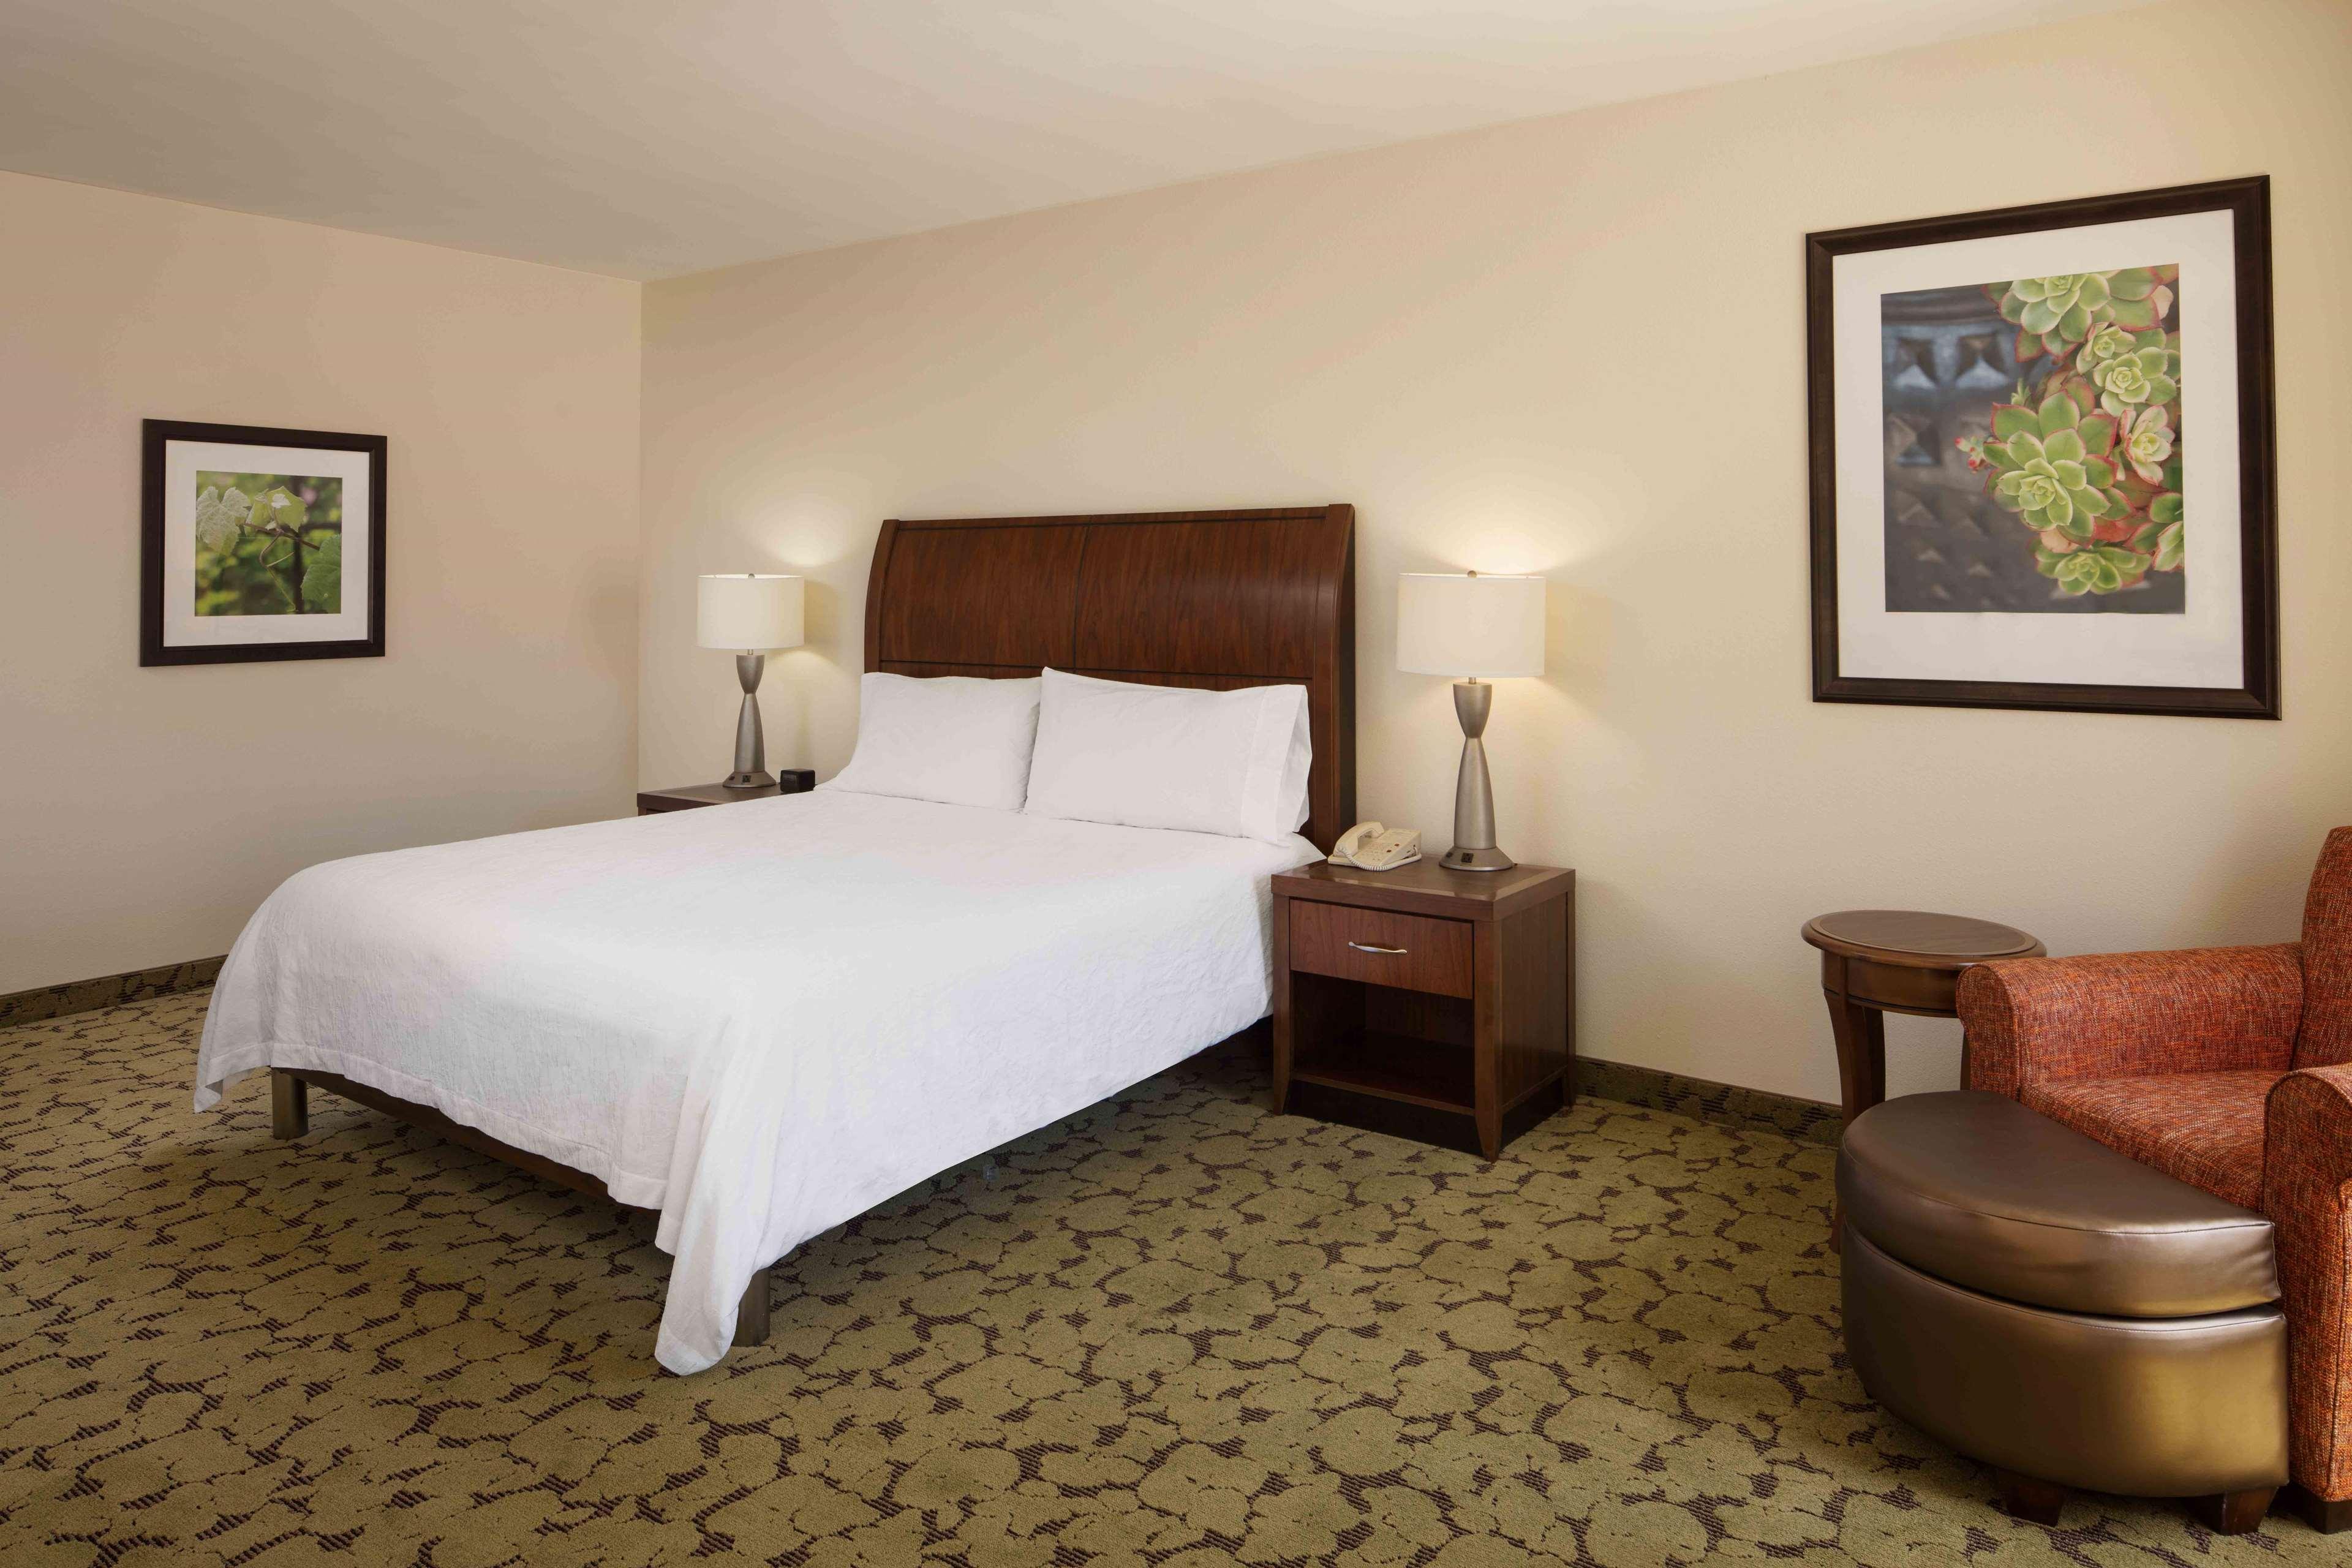 Hilton Garden Inn Boca Raton image 29